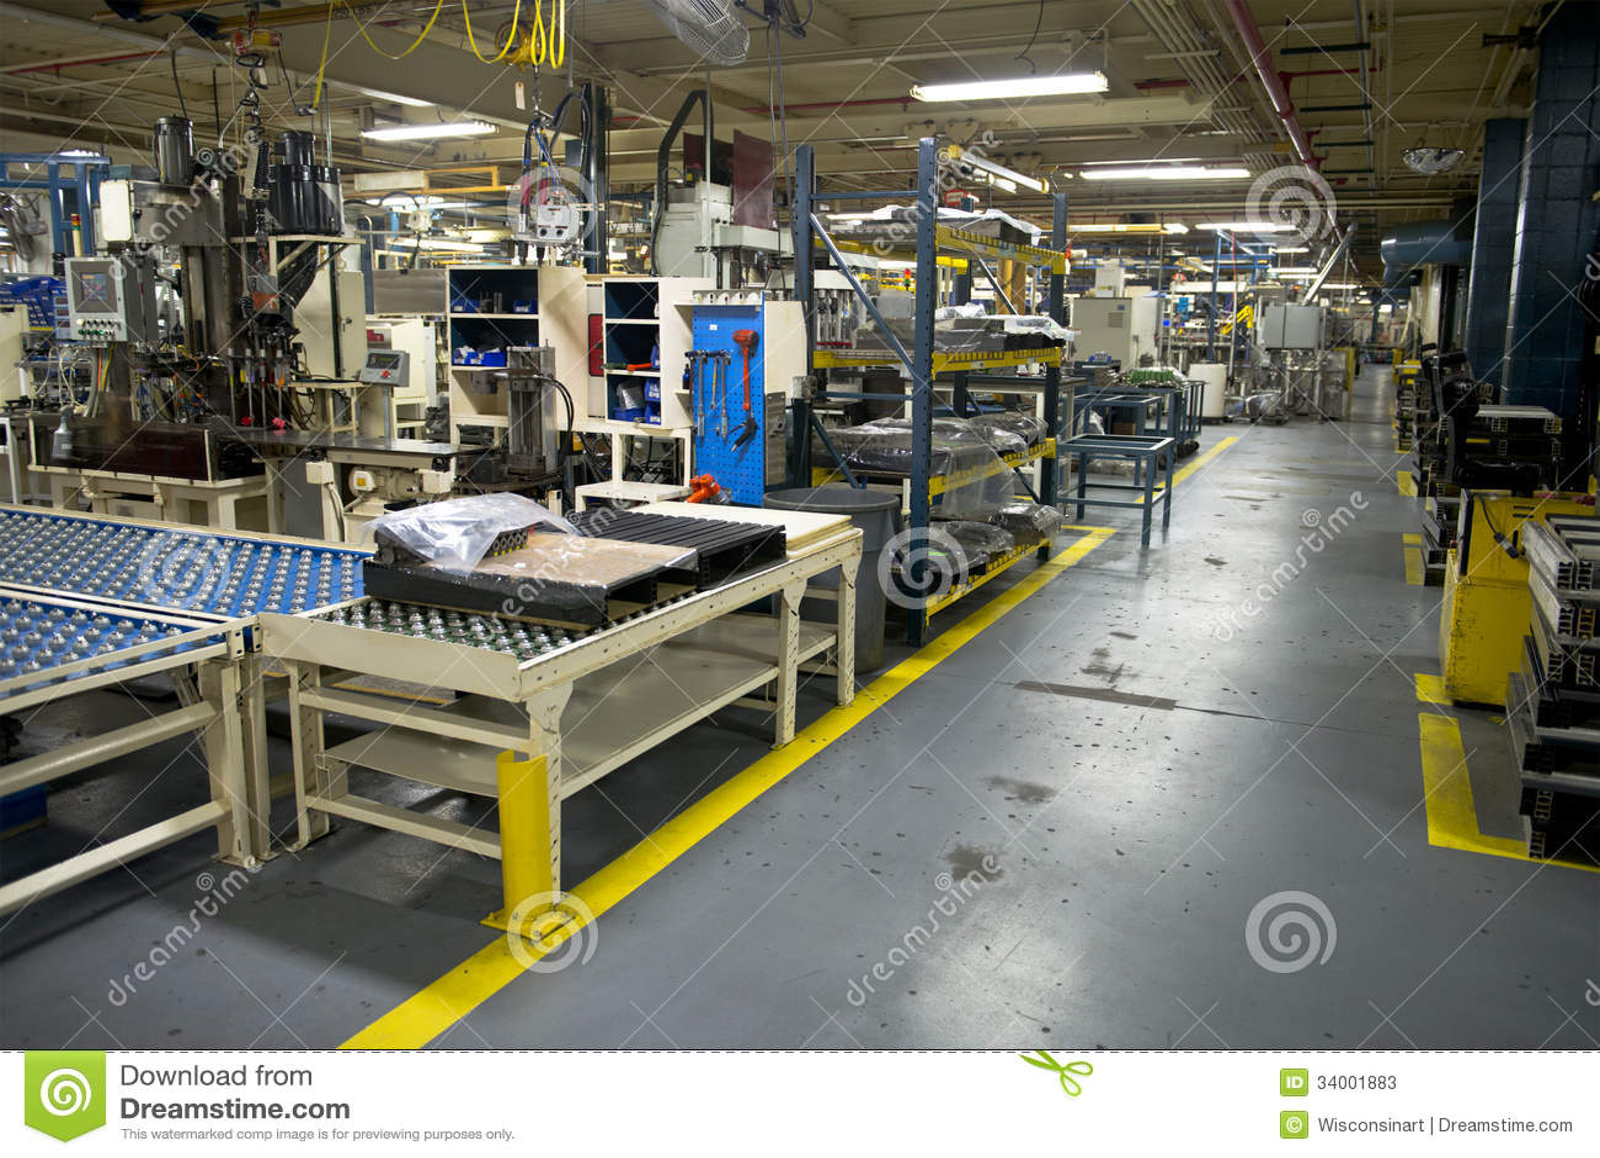 Posto di lavoro industriale della fabbrica di fabbricazione